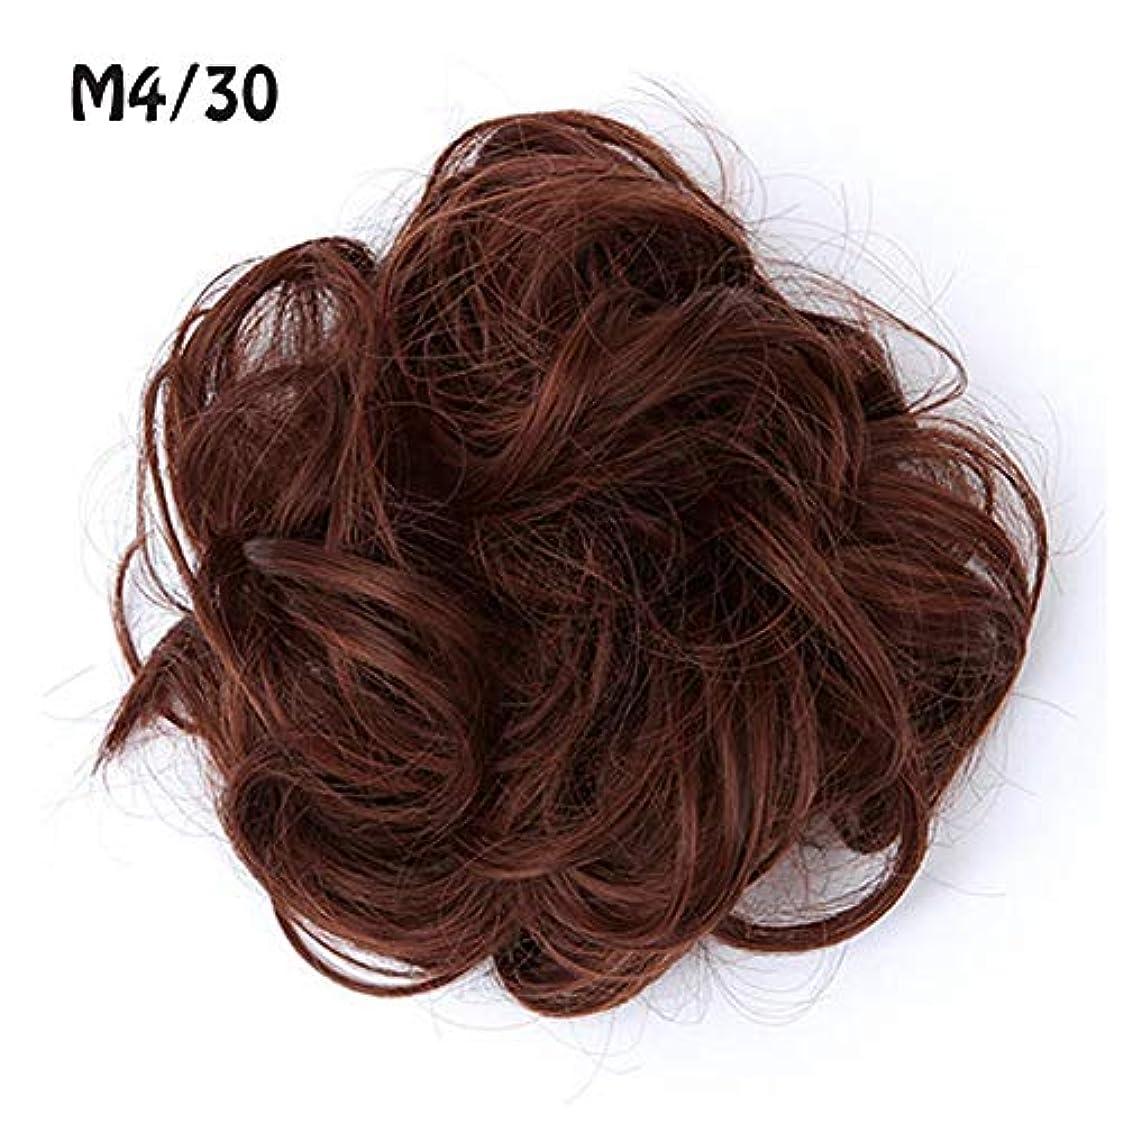 ケーブルカー割り込み封筒ポニーテールシニョンドーナツアップリボンアクセサリー、乱雑な髪のお団子シュシュの拡張機能、女性のためのカーリー波状の作品